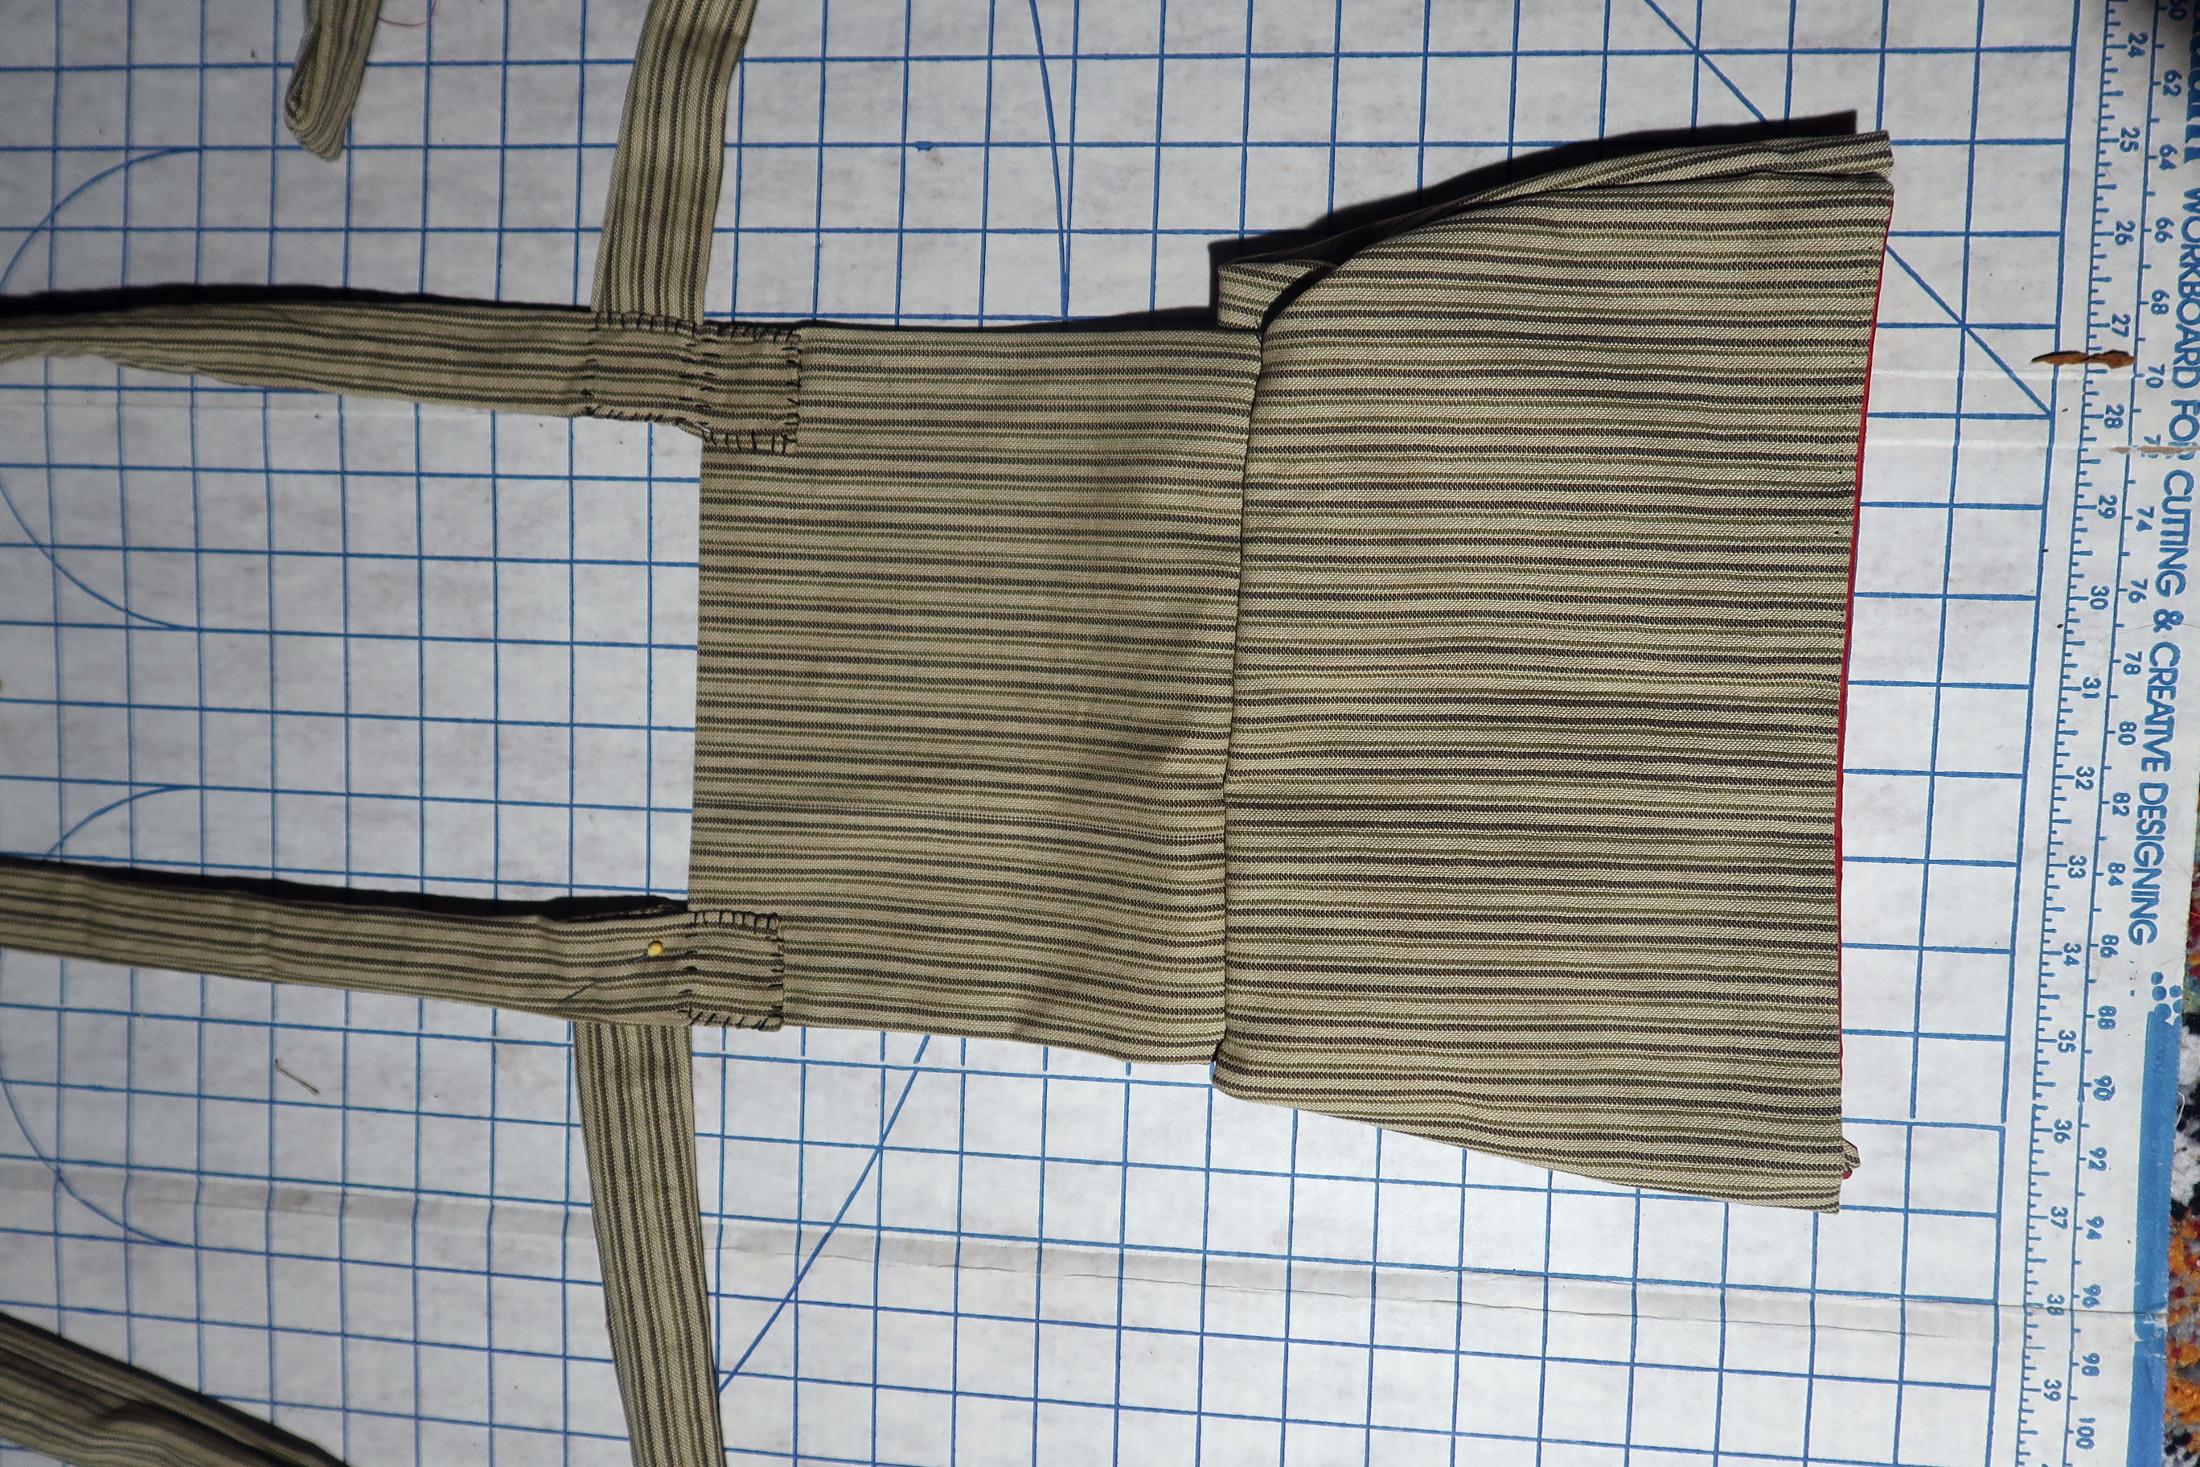 Attaching waist straps